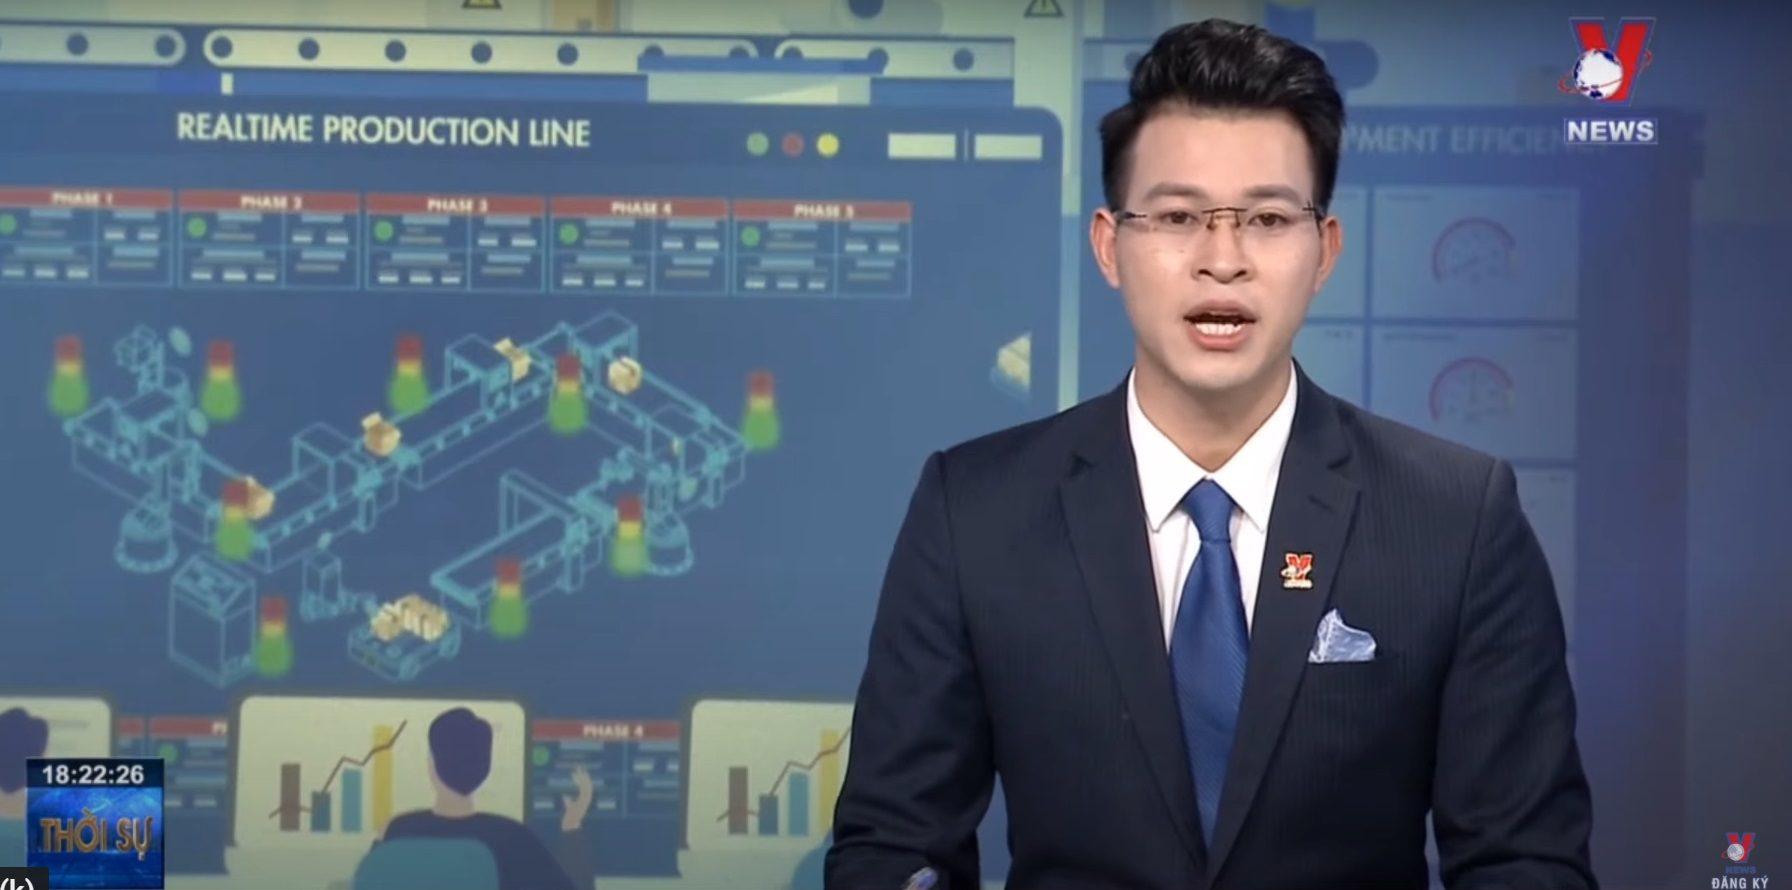 Vnews: Triển vọng ứng dụng nhà máy thông minh ở Việt Nam